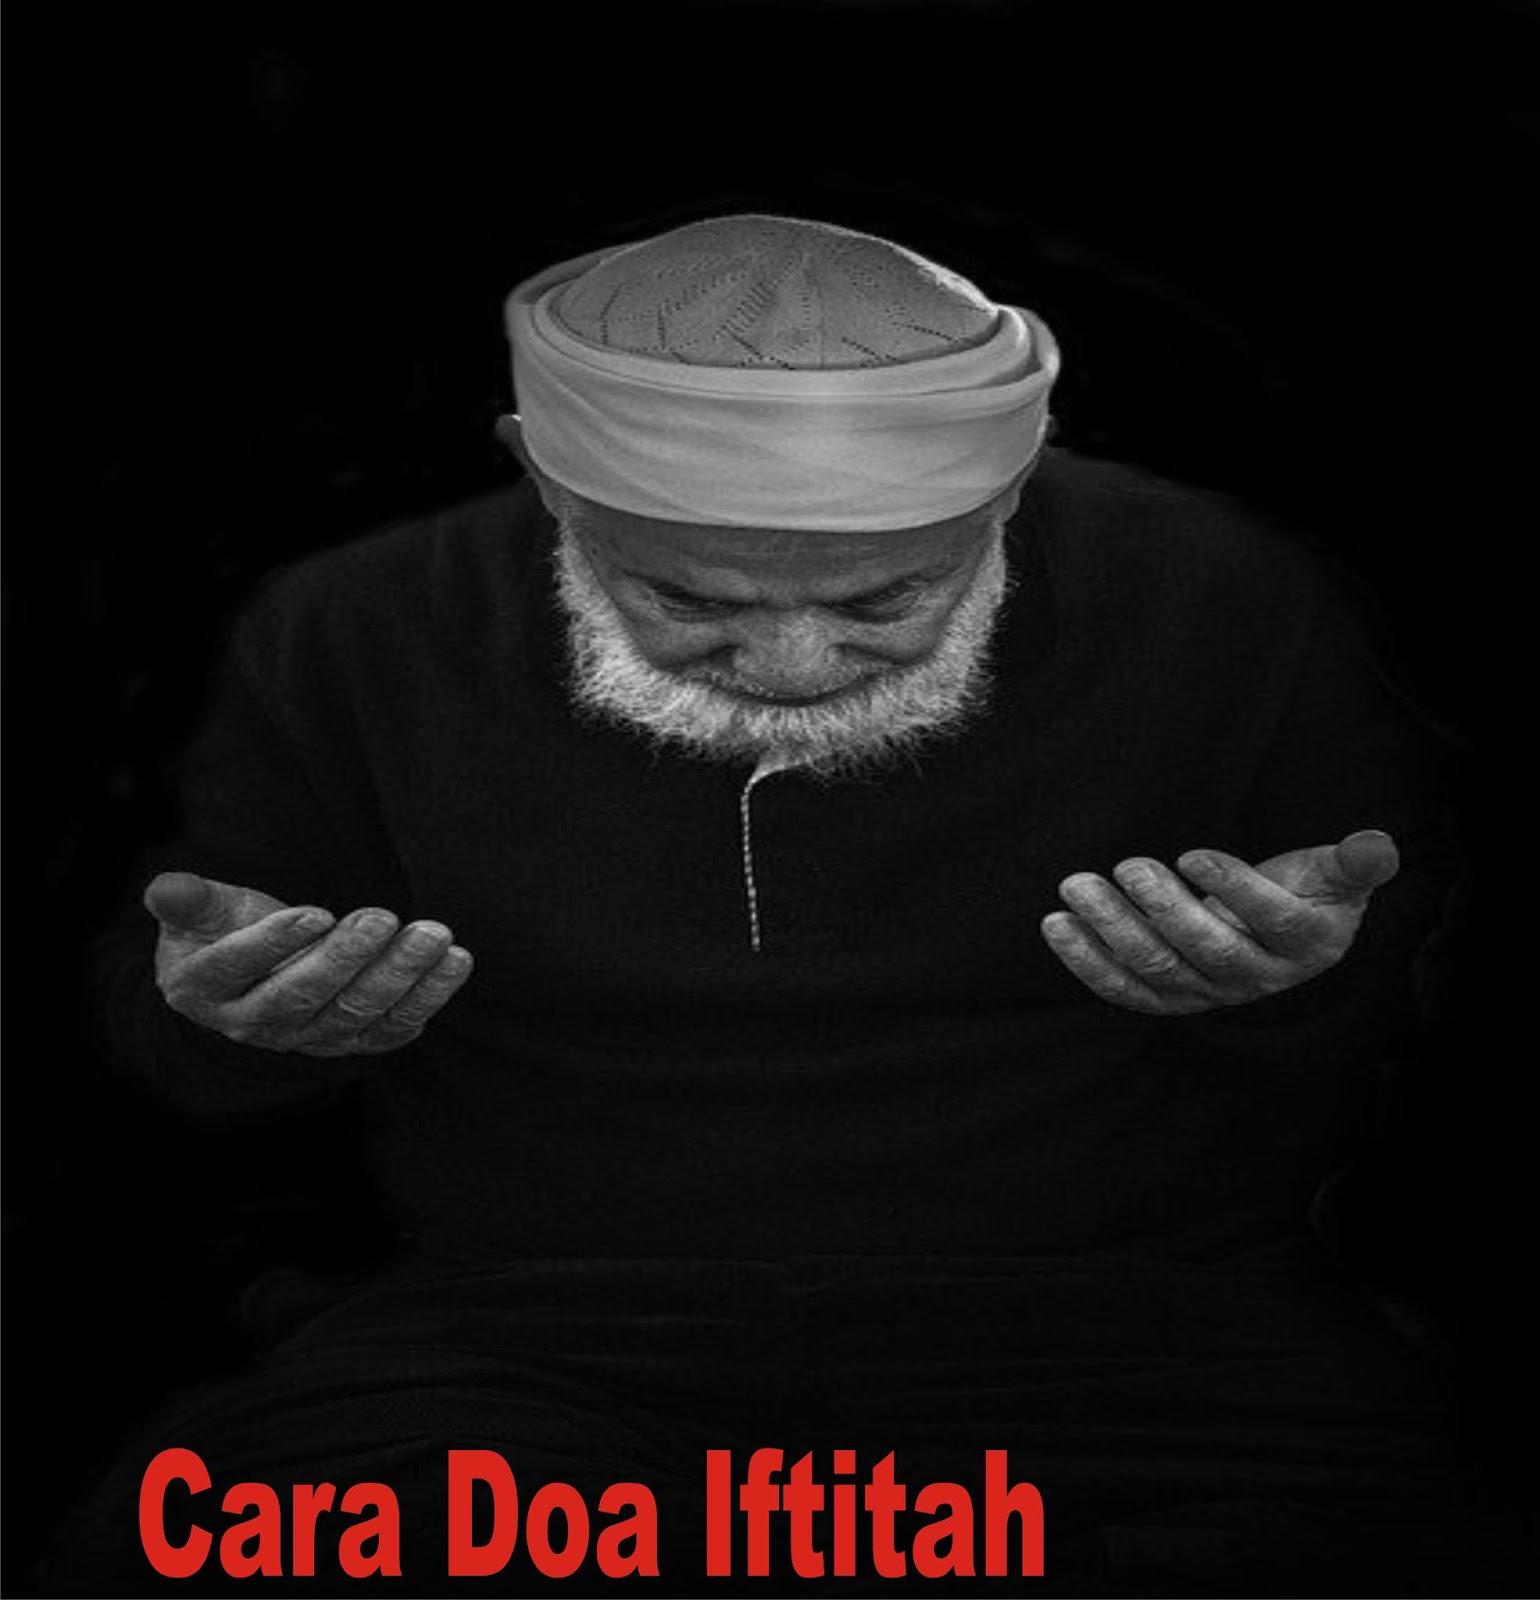 cara doa iftitah